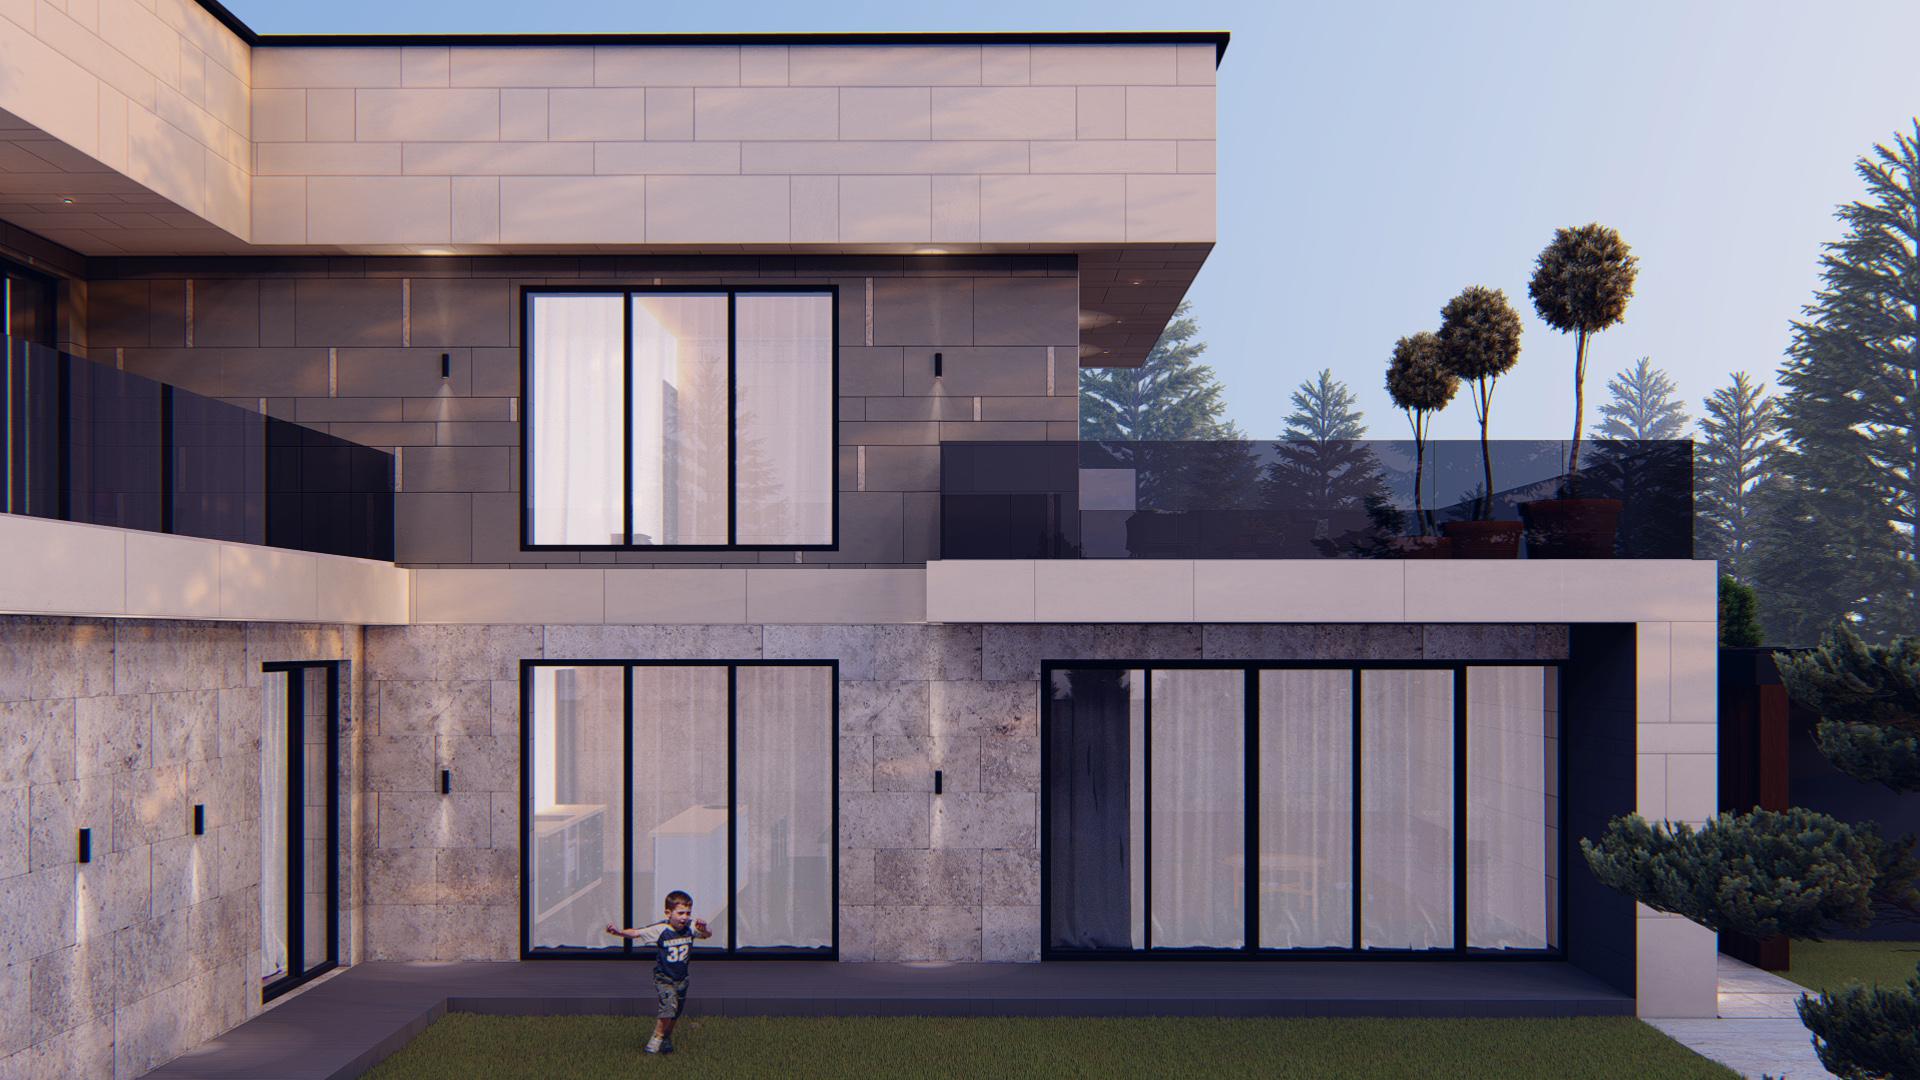 Proiect arhitectural pentru casa modernă cu curte interioară și teren de joacă pentru copii